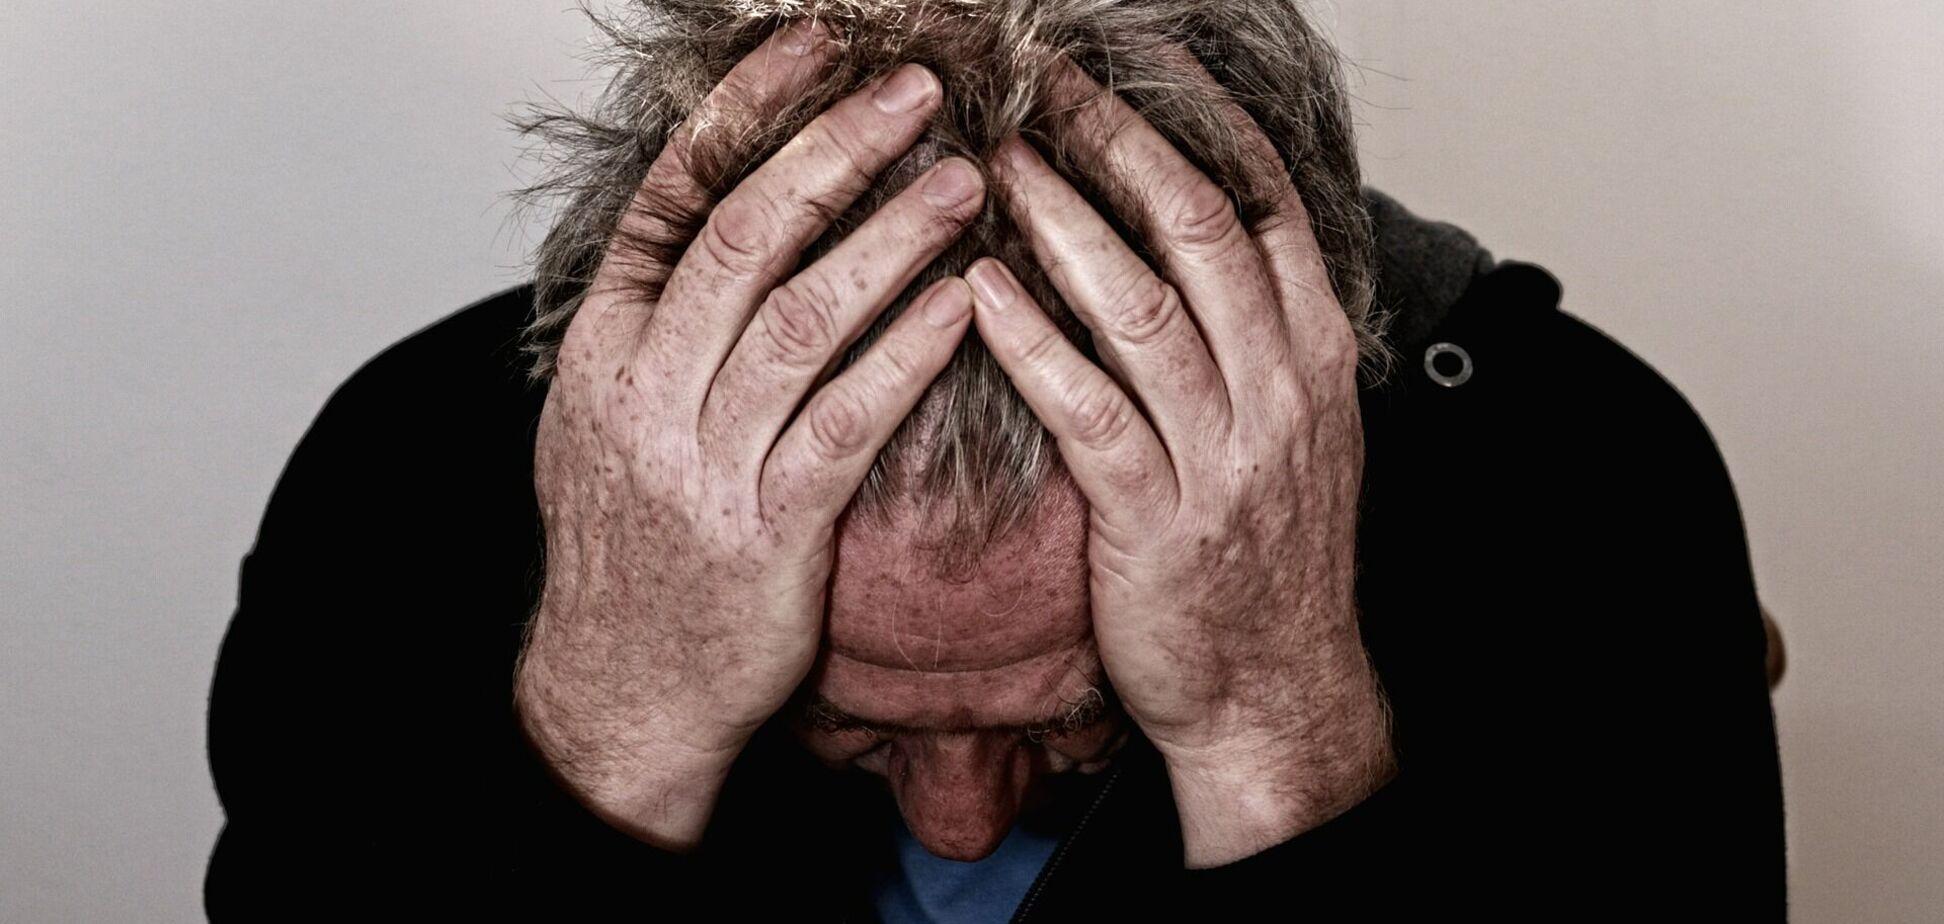 Учені висловили побоювання через новий антидепресант